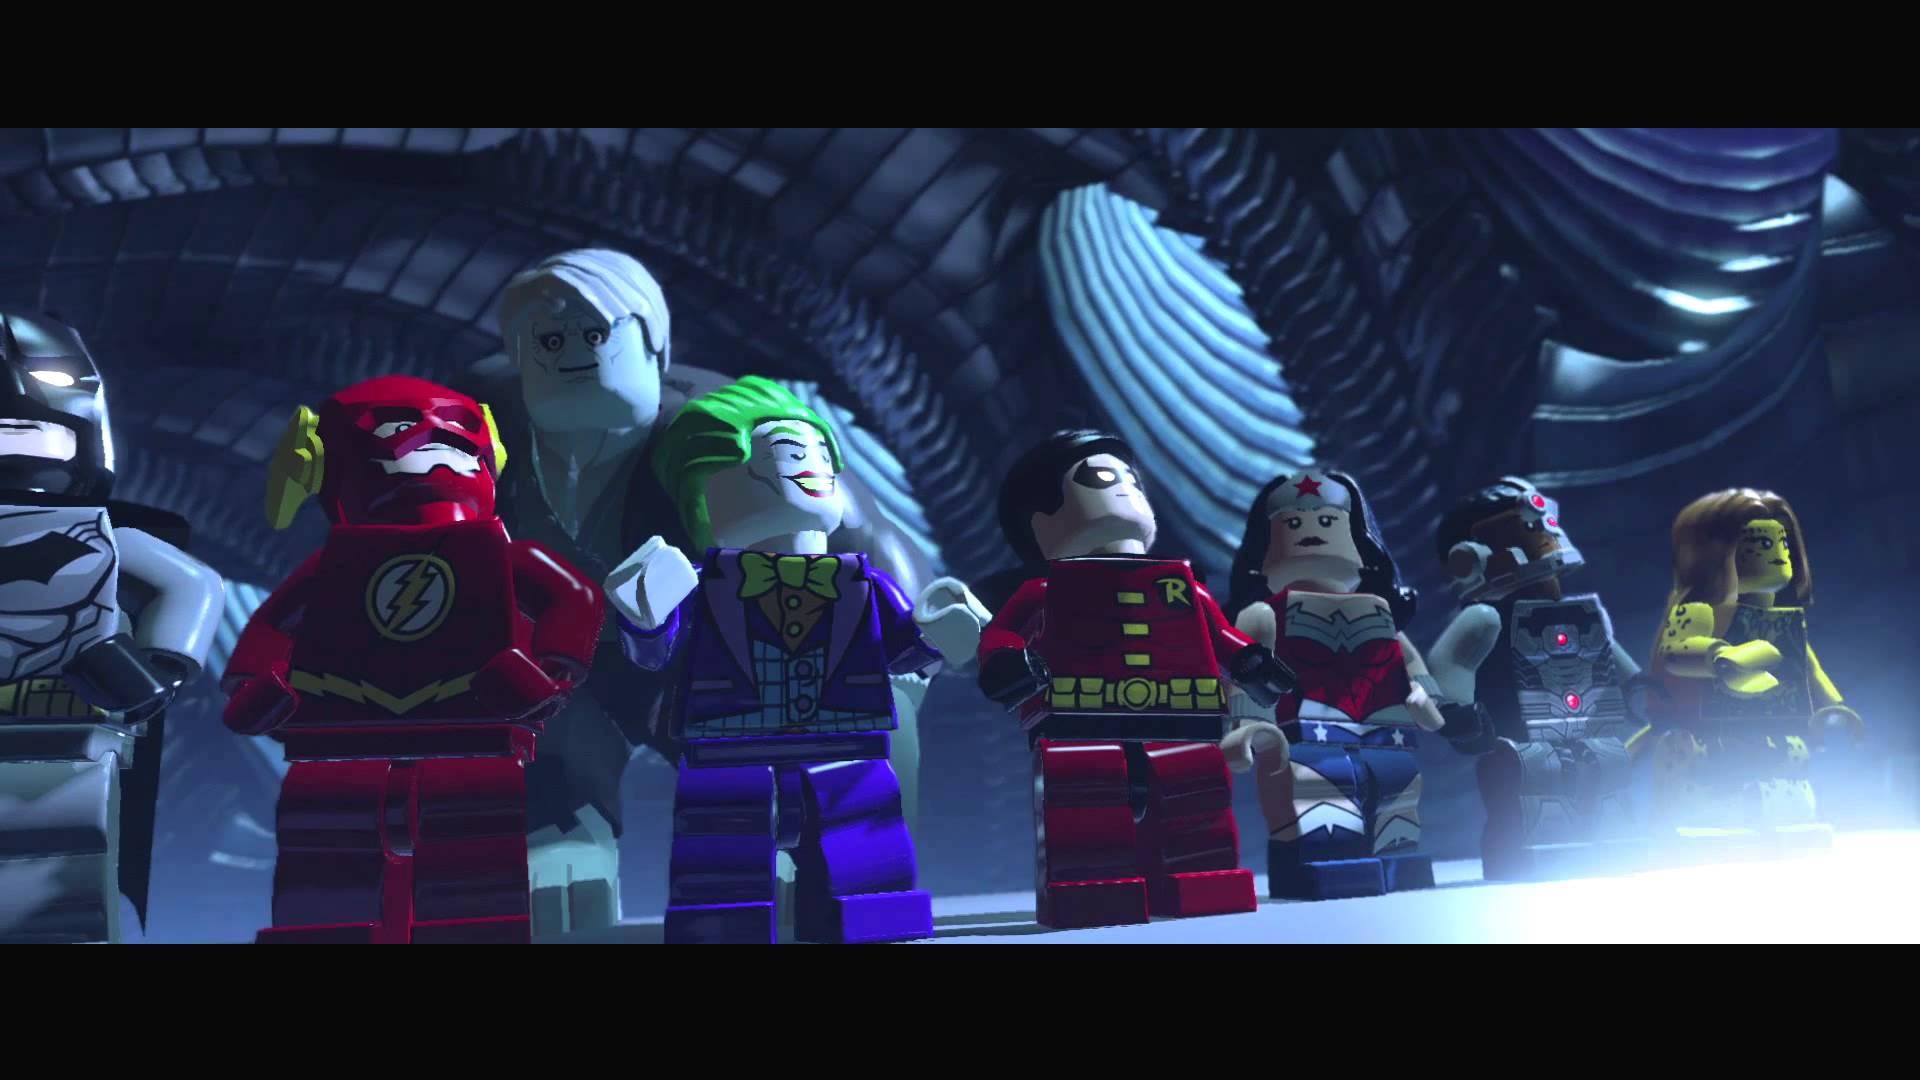 Lego Batman 3: Beyond Gotham Cast Trailer